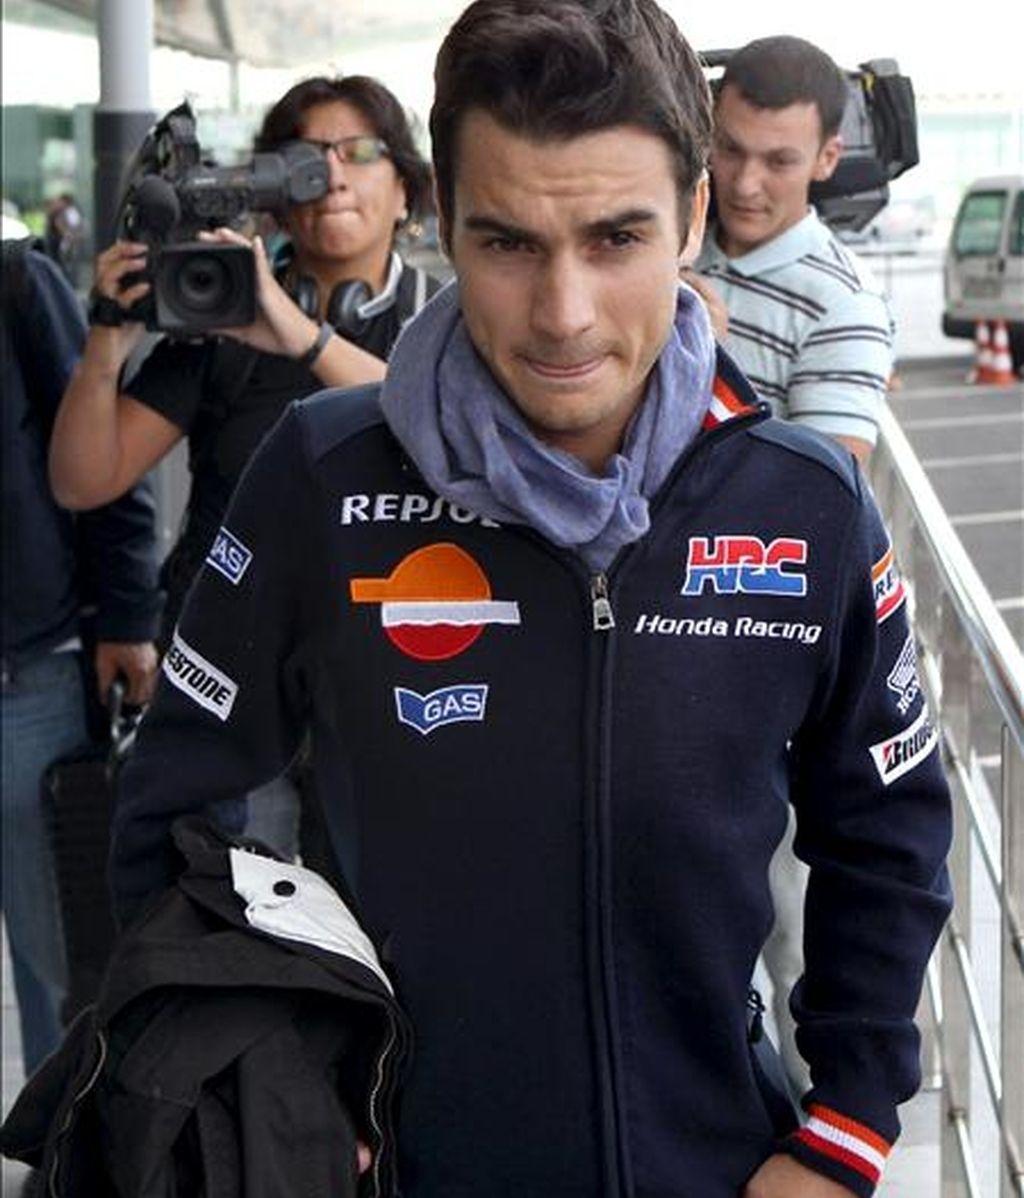 El piloto español de Moto GP Dani Pedrosa (Honda), poco antes de ser operado de la clavícula que se fracturó el pasado viernes en los entrenamientos del Gran Premio de Japón. EFE